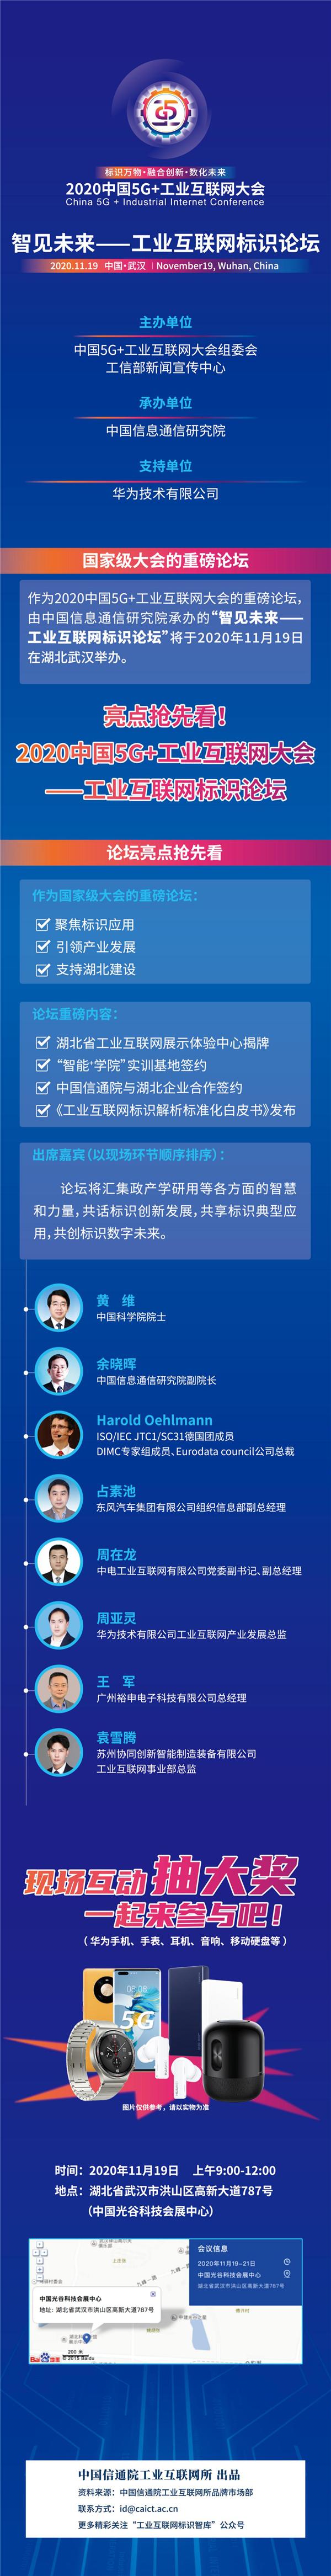 2020中国5G+工业互联网大会——工业互联网标识论坛11月19日即将开幕!